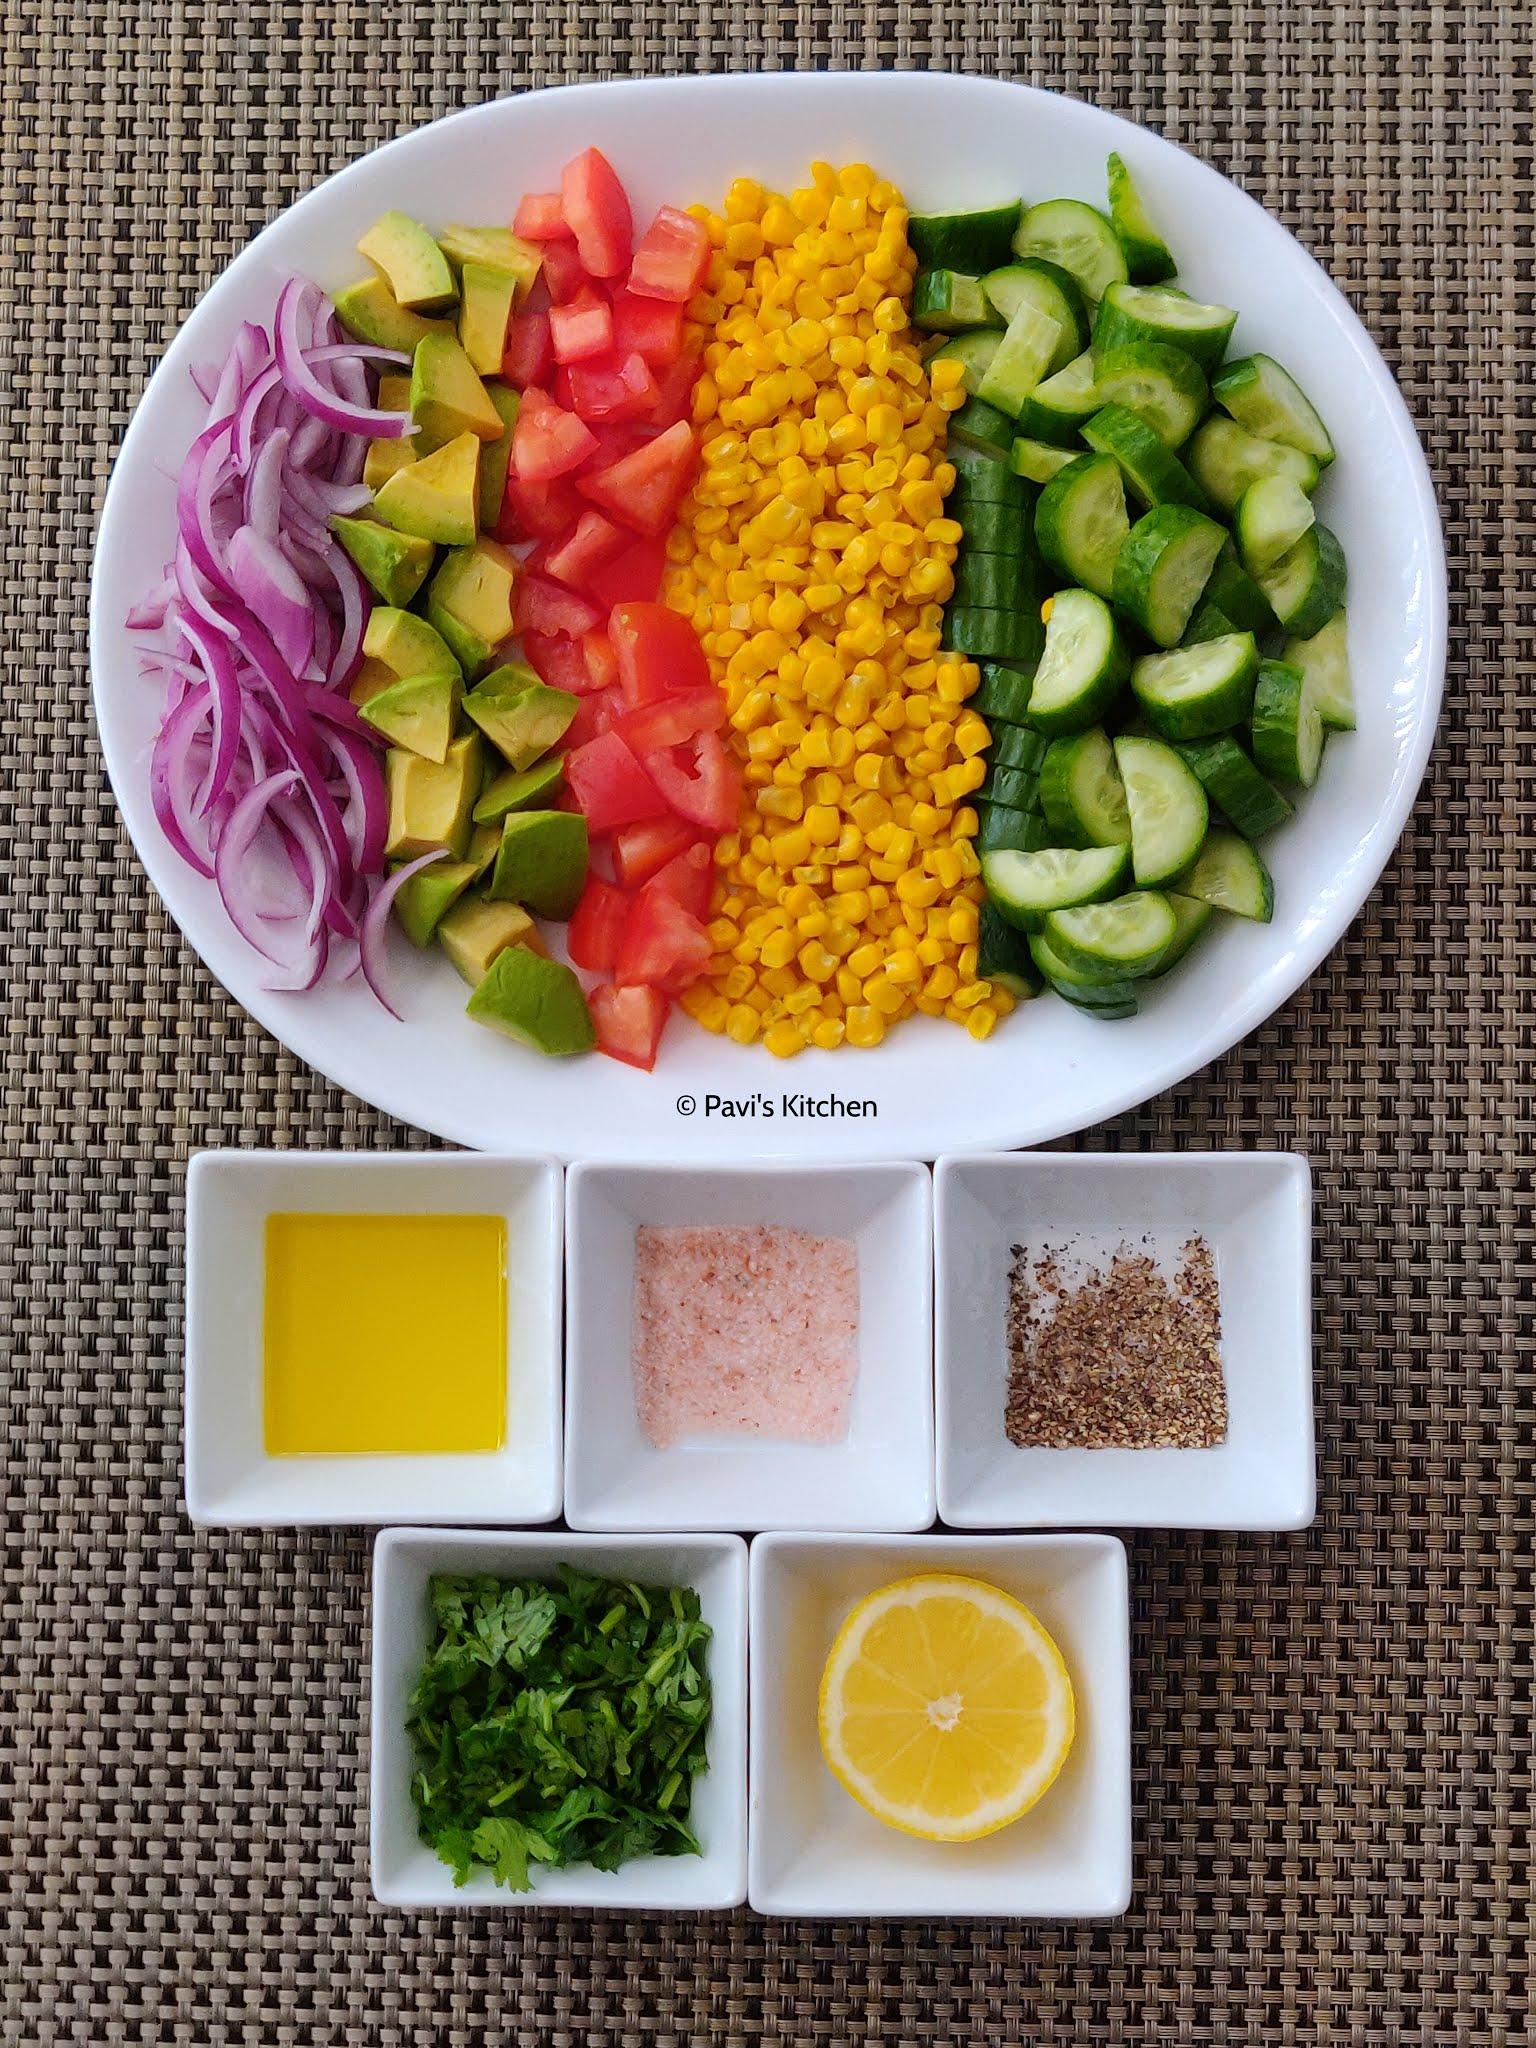 Avocado salad recipe | Indian avocado salad | Butter fruit salad recipe | Healthy Vegan